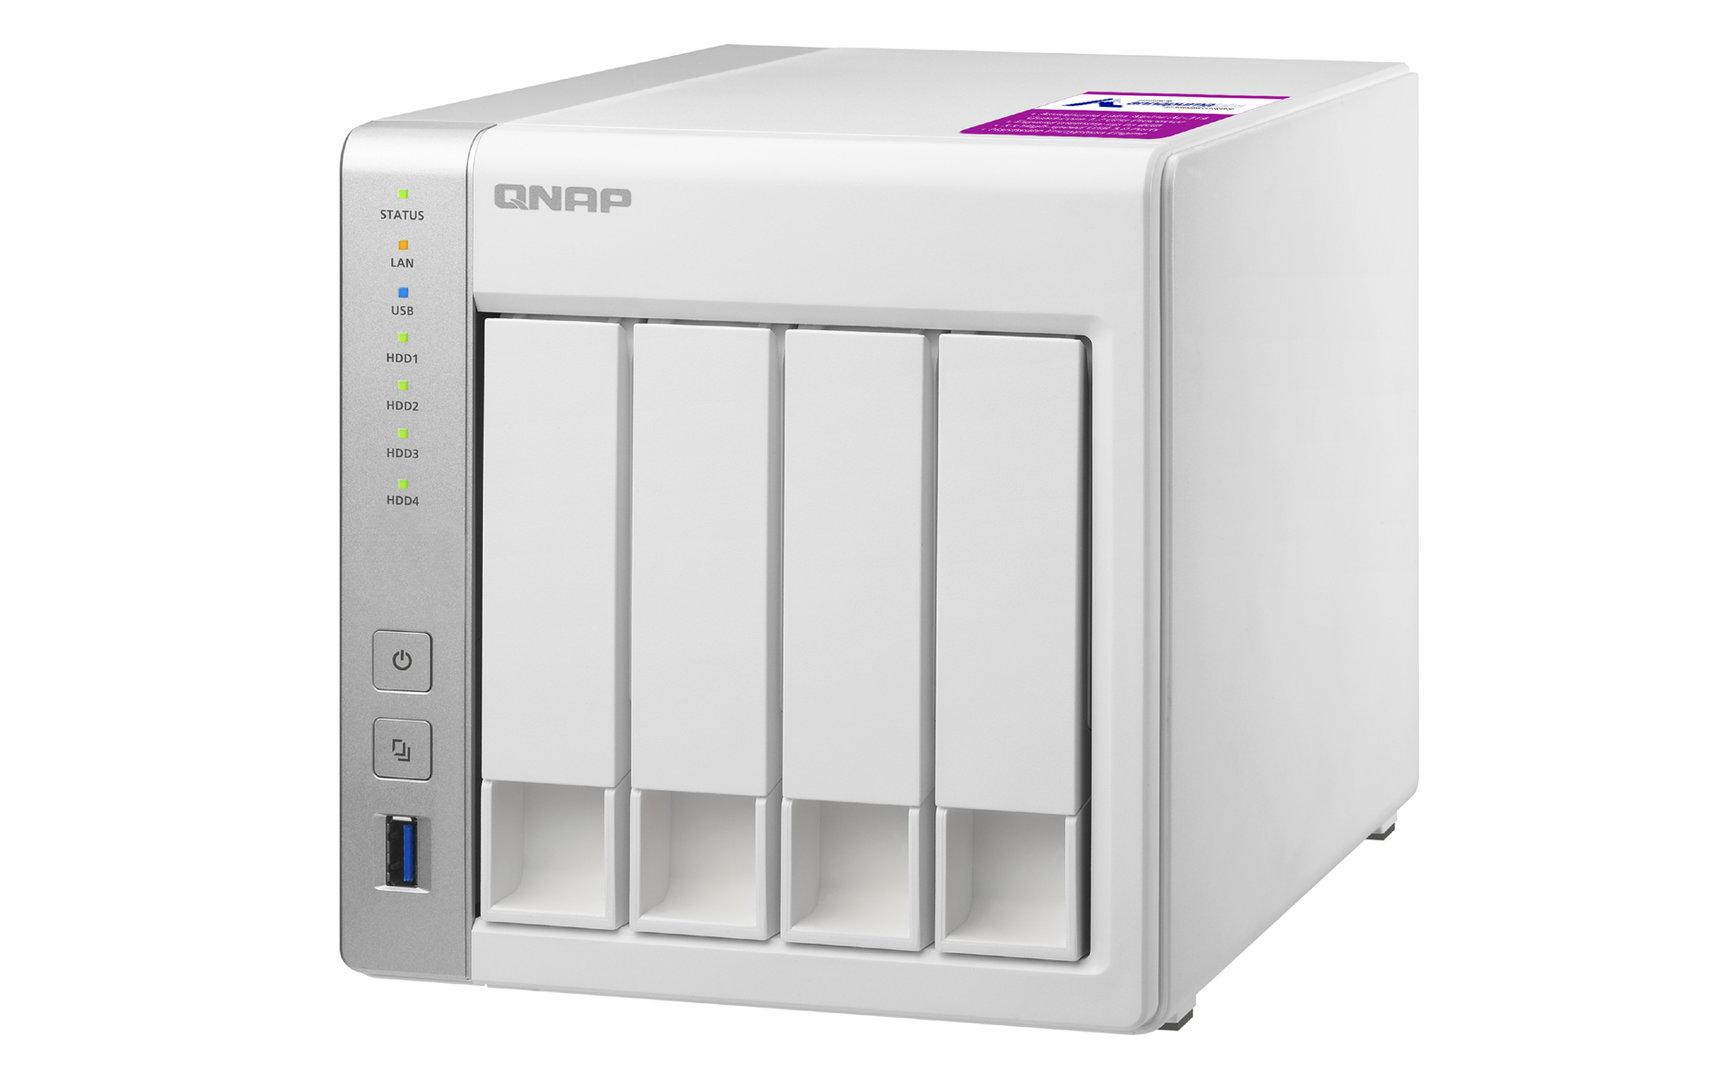 QNAP TS-431P2